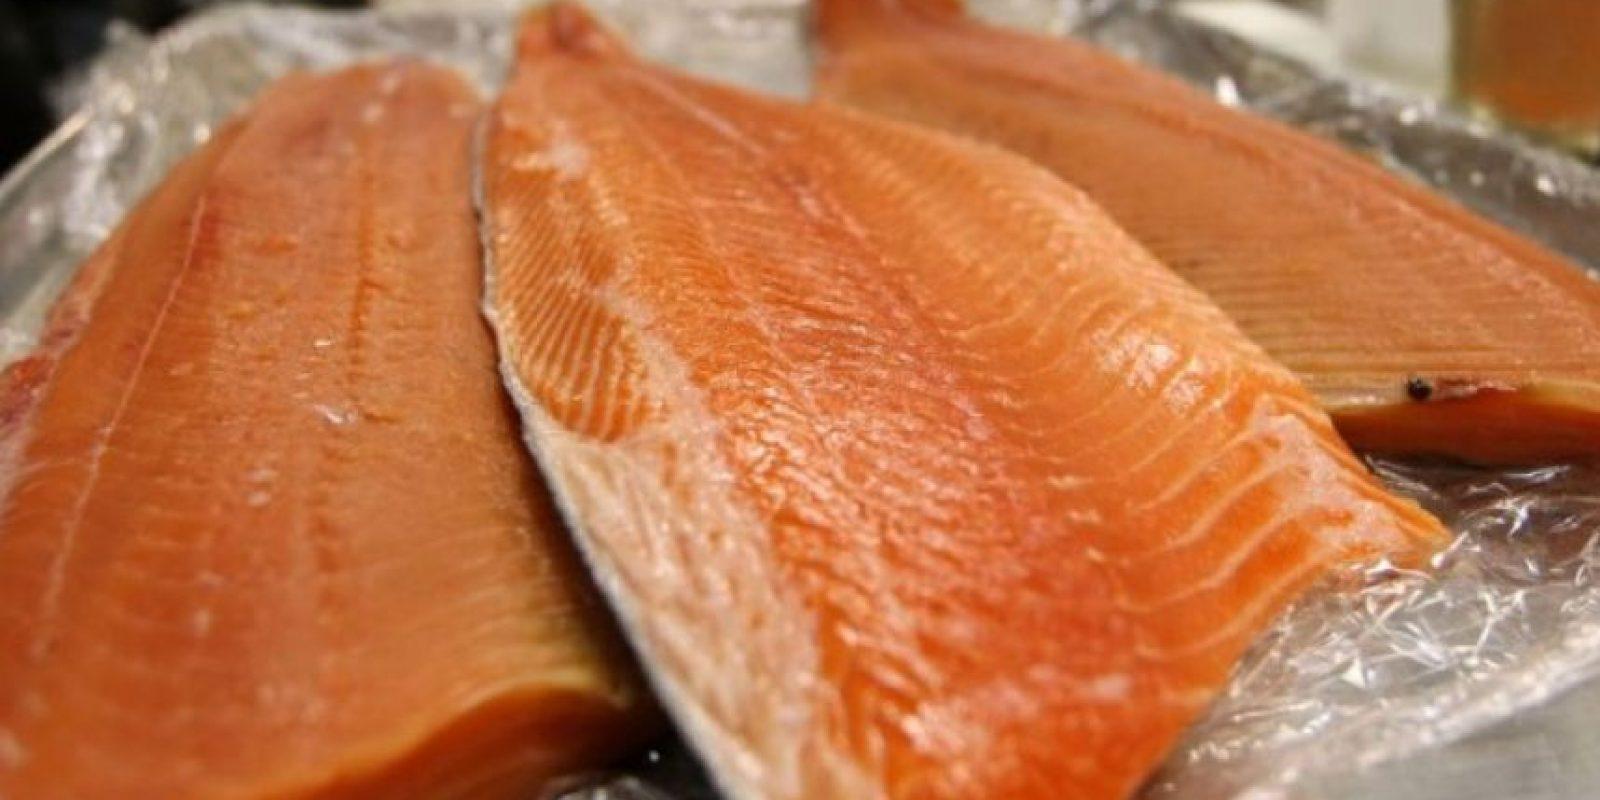 De acuerdo a un estudio de la Universidad de Albany, Nueva York, este tipo de salmón se encuentra contaminado con químicos cancerígenos Foto:Getty Images